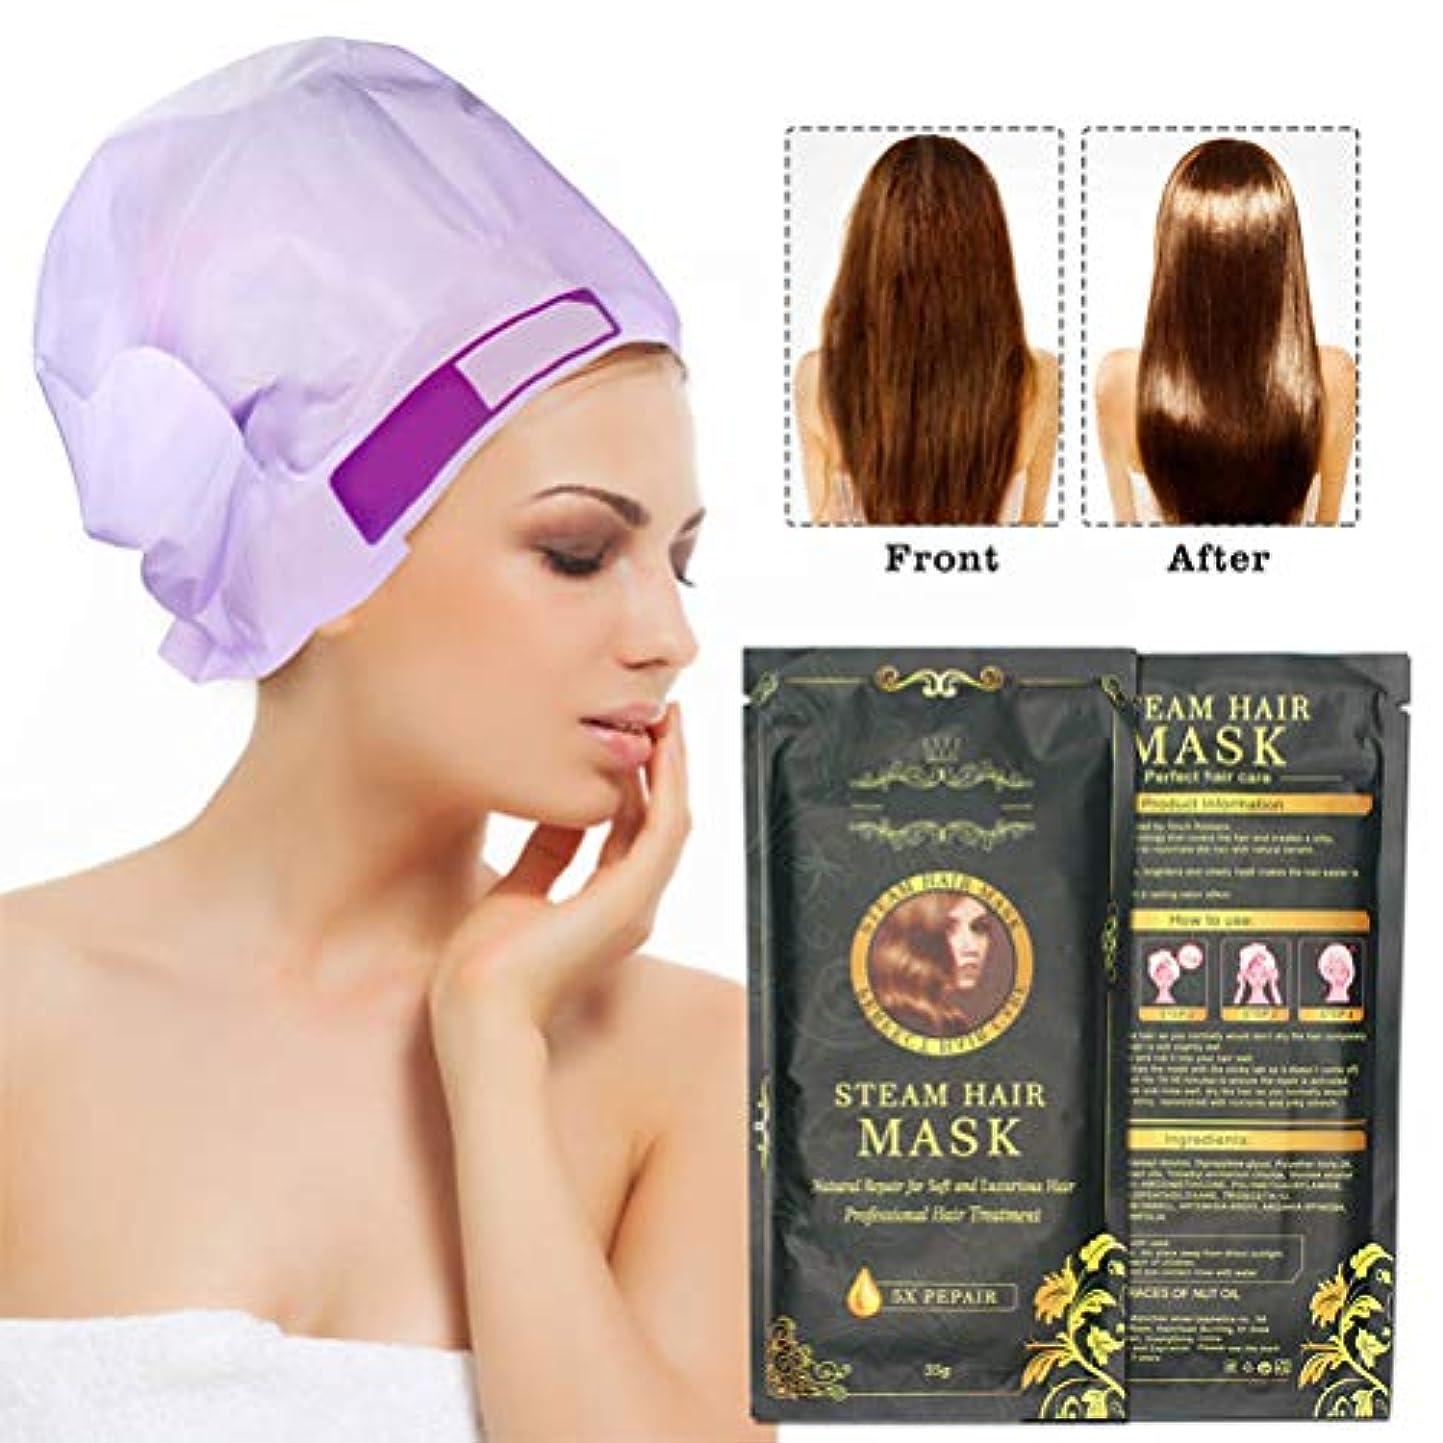 非効率的な悪化させるフリルsupbel シャワーキャップ ヘアマスク オイスターソース ヘアキャップ 熱を保温 つや髪 美髪 使い捨て 浸透を促進 防水 美容室 エステサロン ロングヘア対応 切れ毛 保湿